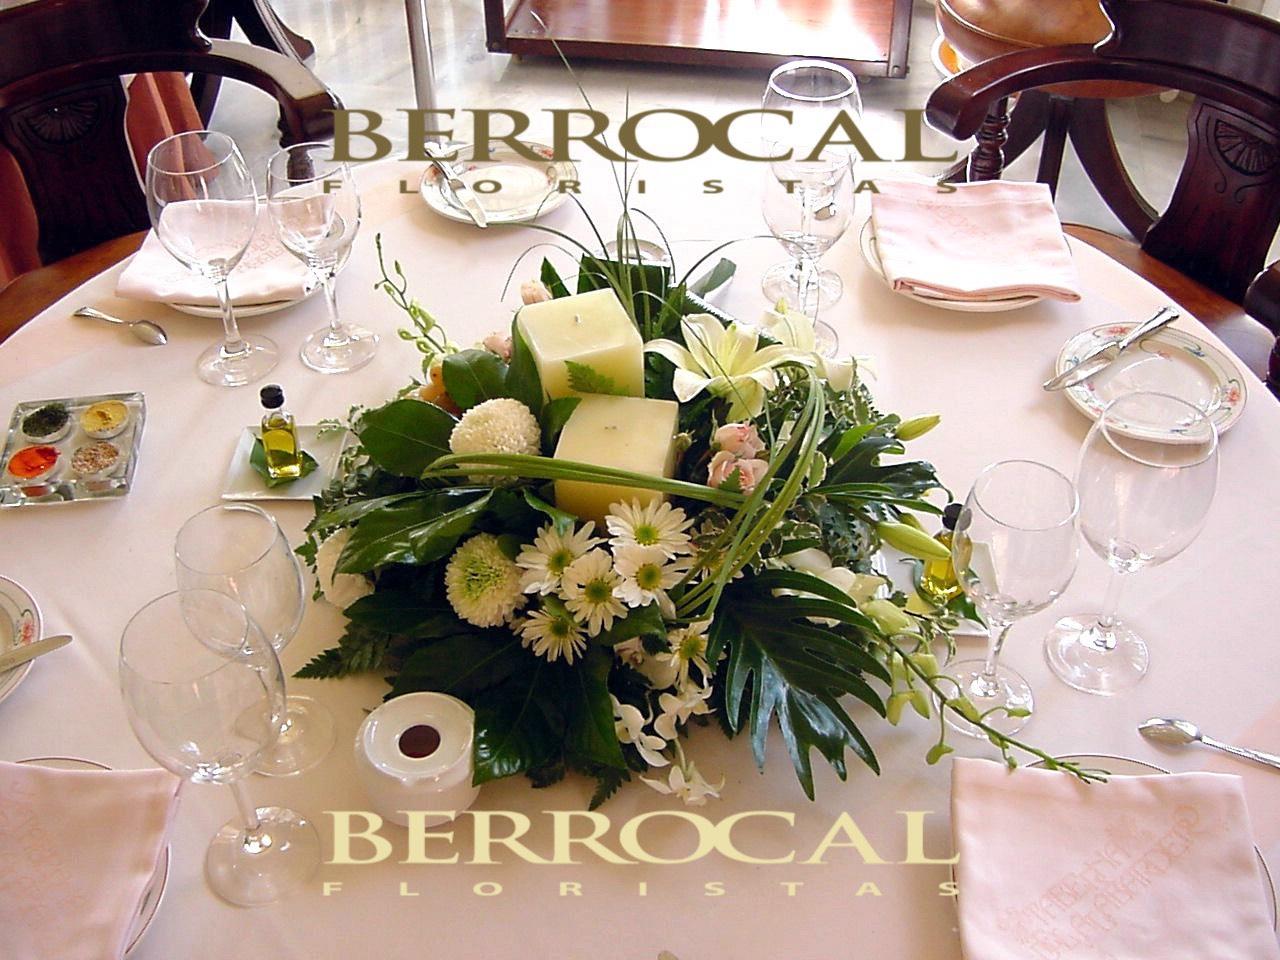 Composición floral romántica, aérea.  Con Gerberas. Longiflorum. Aster blanco. Orquídea Dendrobium. Verdes, hojas de Aralia. Aspidistra.